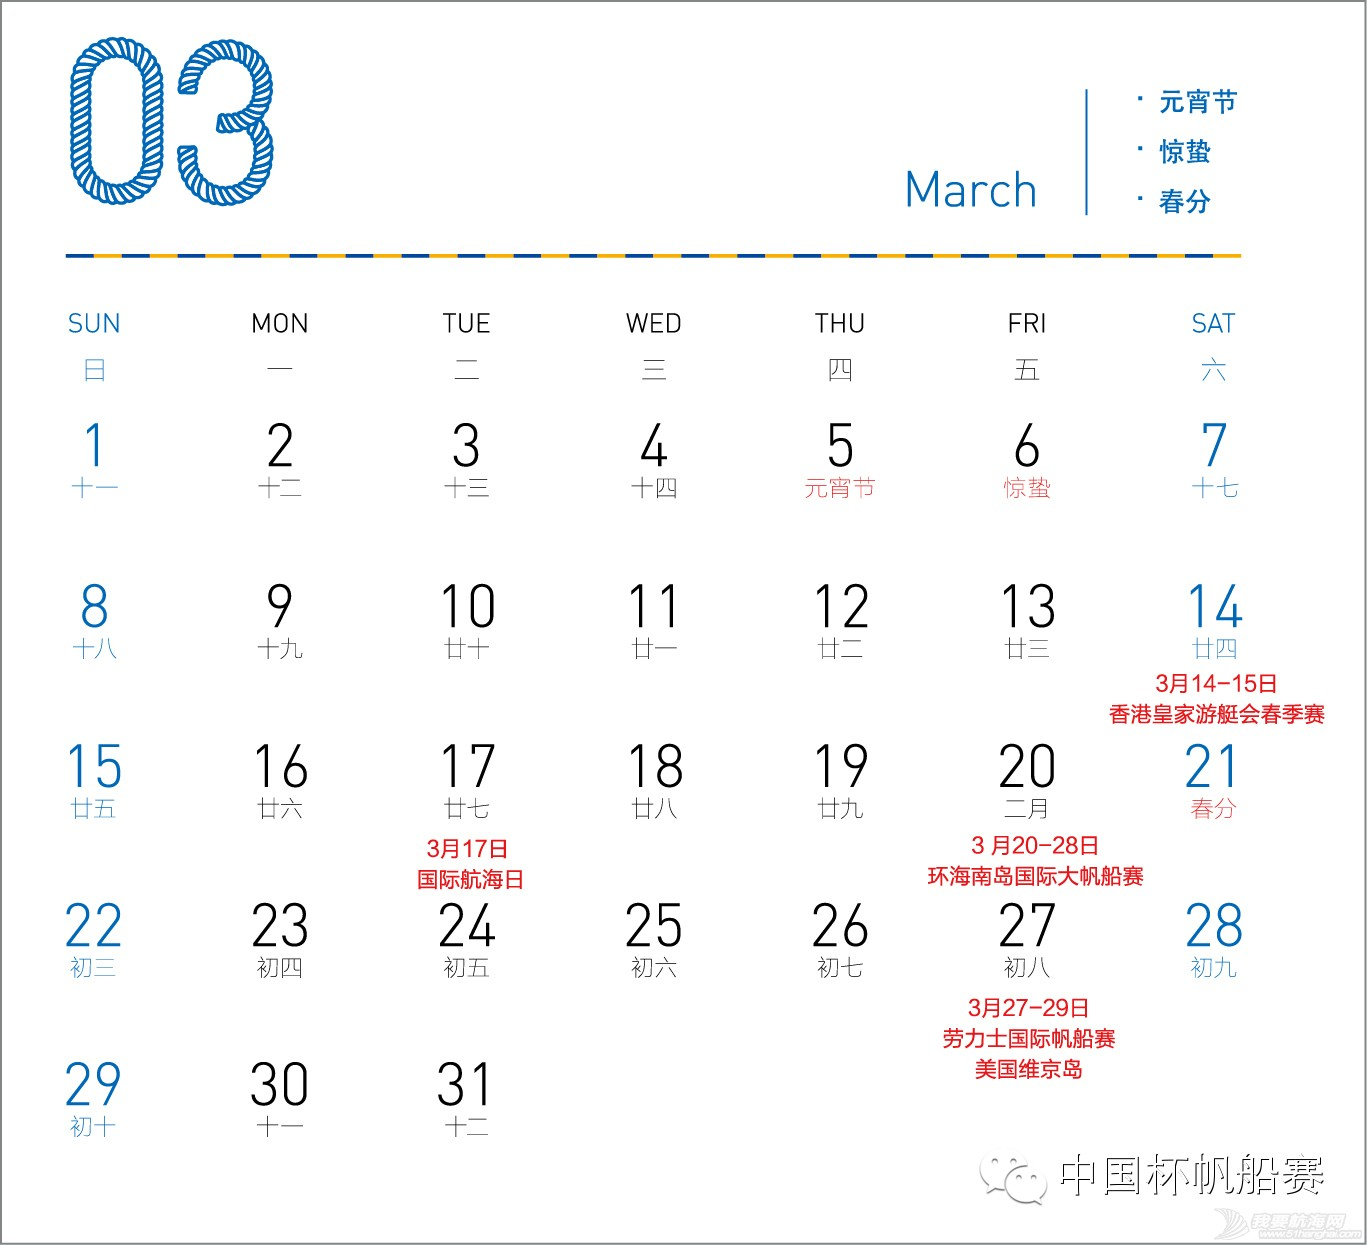 完整版,图片,中国,帆船,国际 2015年国际帆船赛历 1da430272db02118f281554f086b1383.jpg